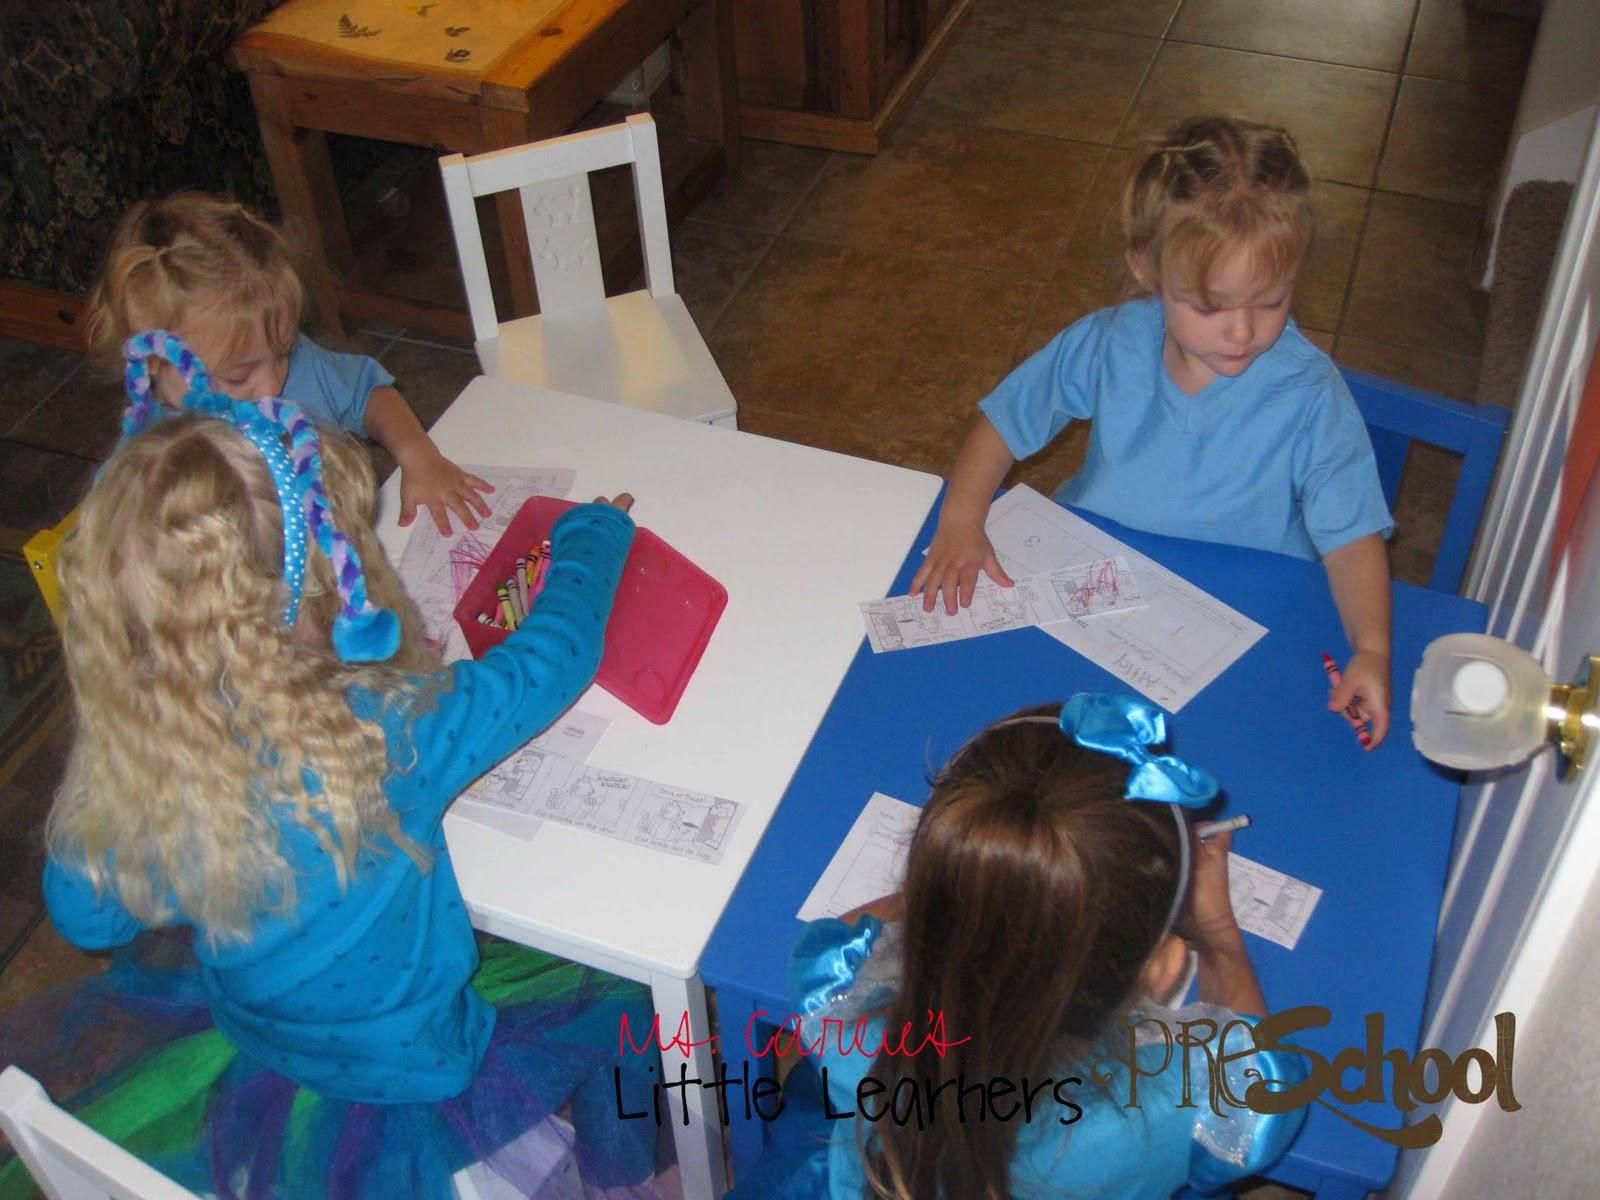 Ms Carlie S Little Learners Preschool October Week Four